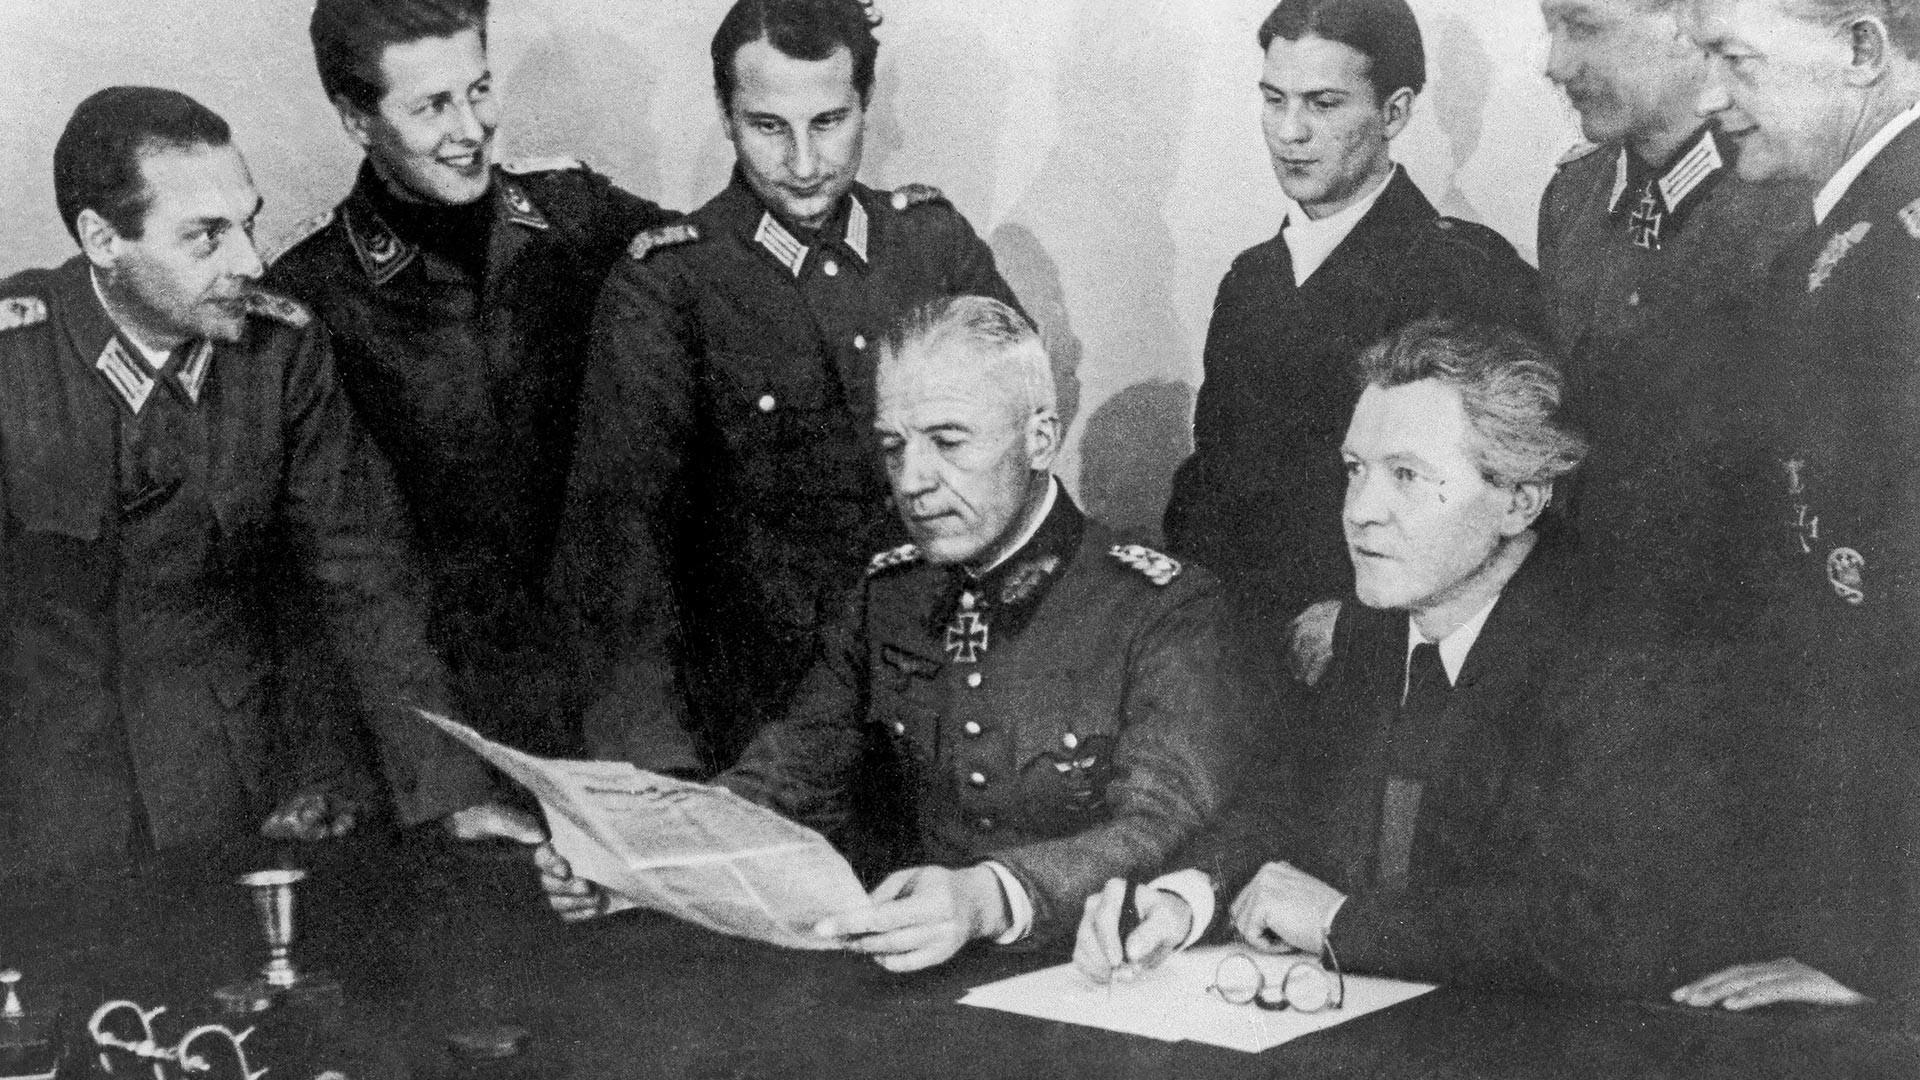 """Председник националног комитета """"Слободна Немачка"""", писац Ерих Вајнер (у првом плану десно) и  генерал Фон Зејдлиц на заседању комитета."""